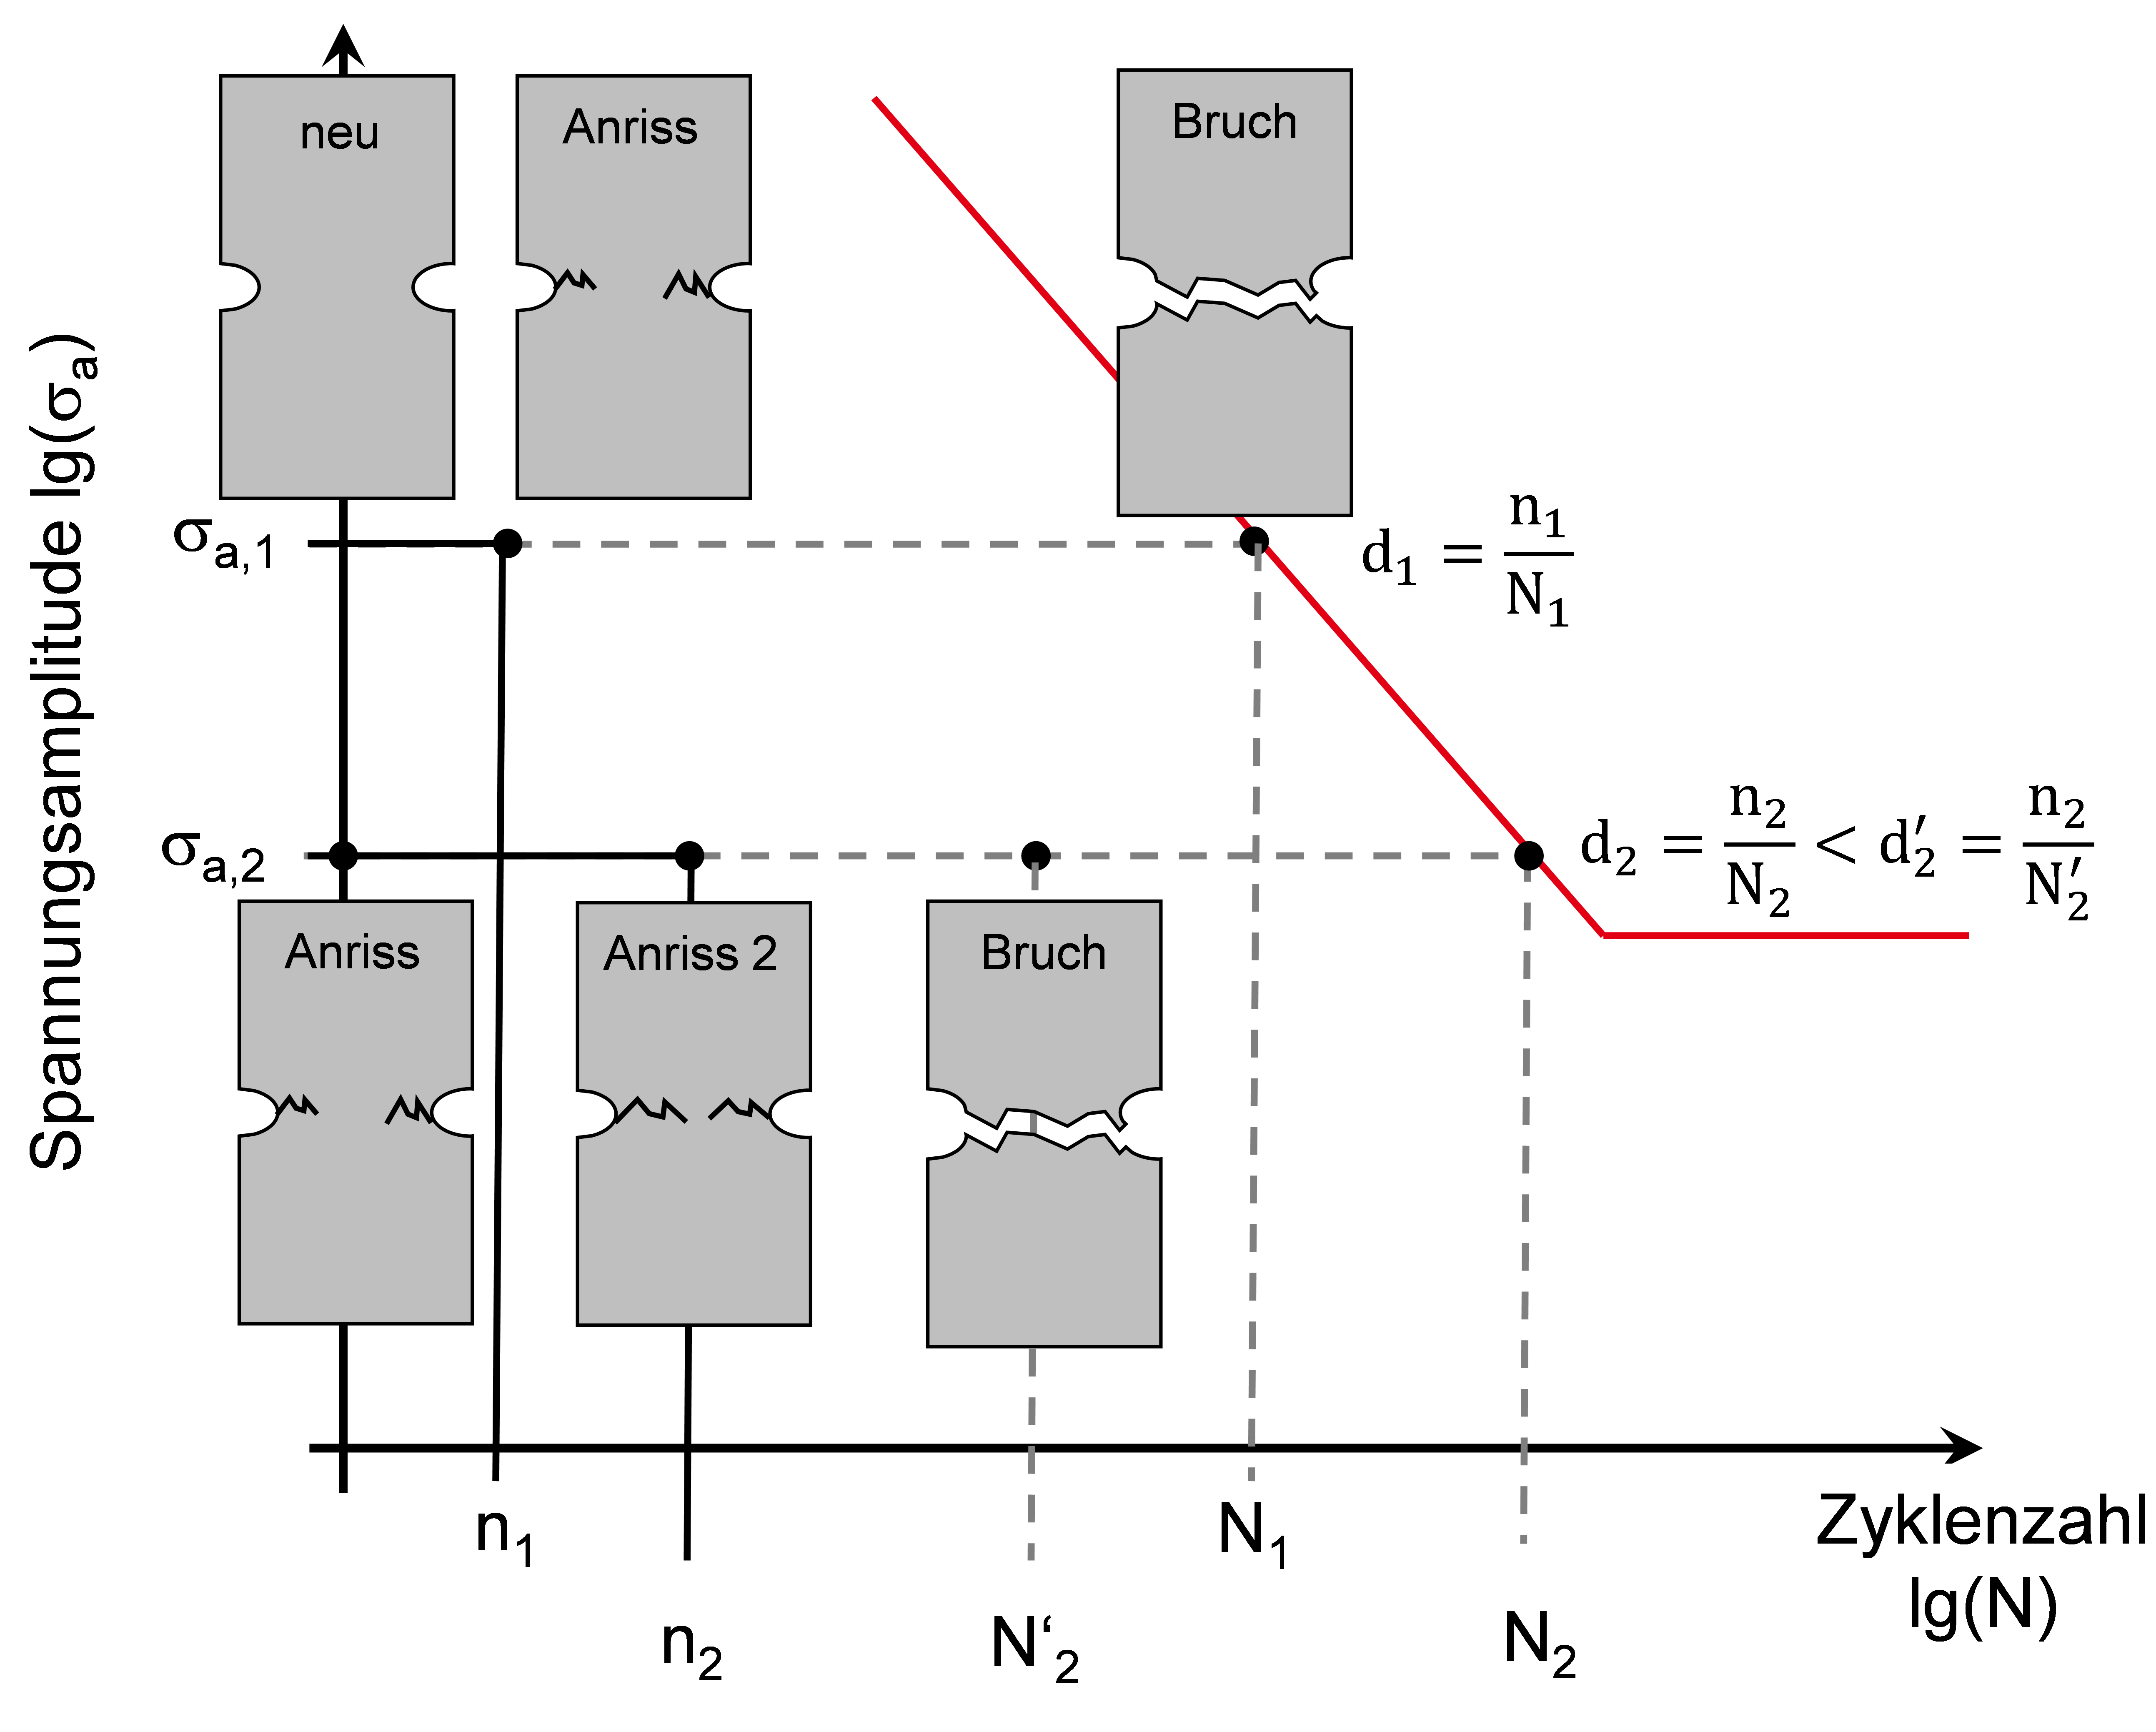 Erklärung der Miner-Regel und der modifikation der Schadensakkumualtionshypothese